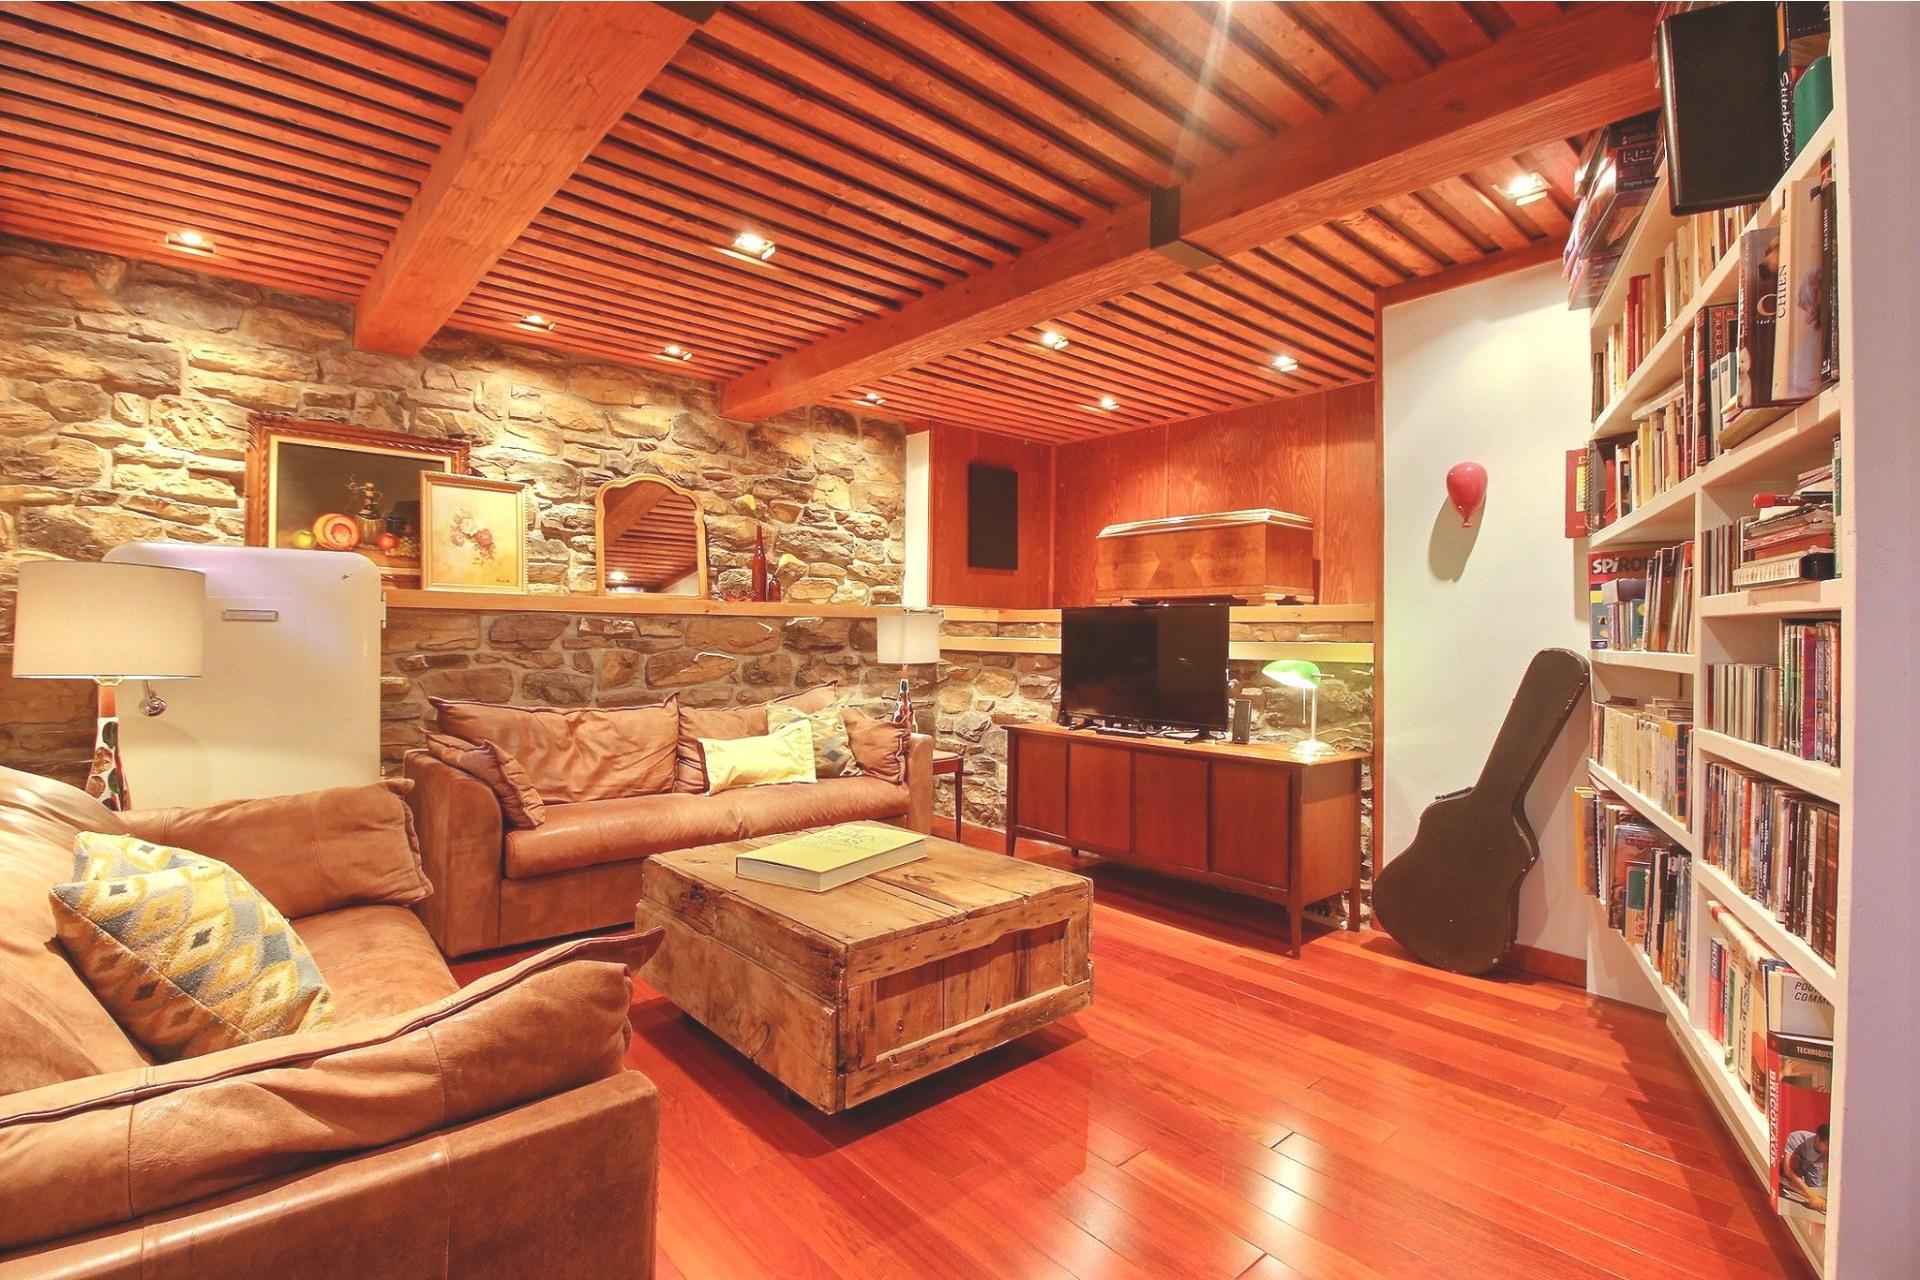 image 20 - House For sale Rivière-des-Prairies/Pointe-aux-Trembles Montréal  - 8 rooms